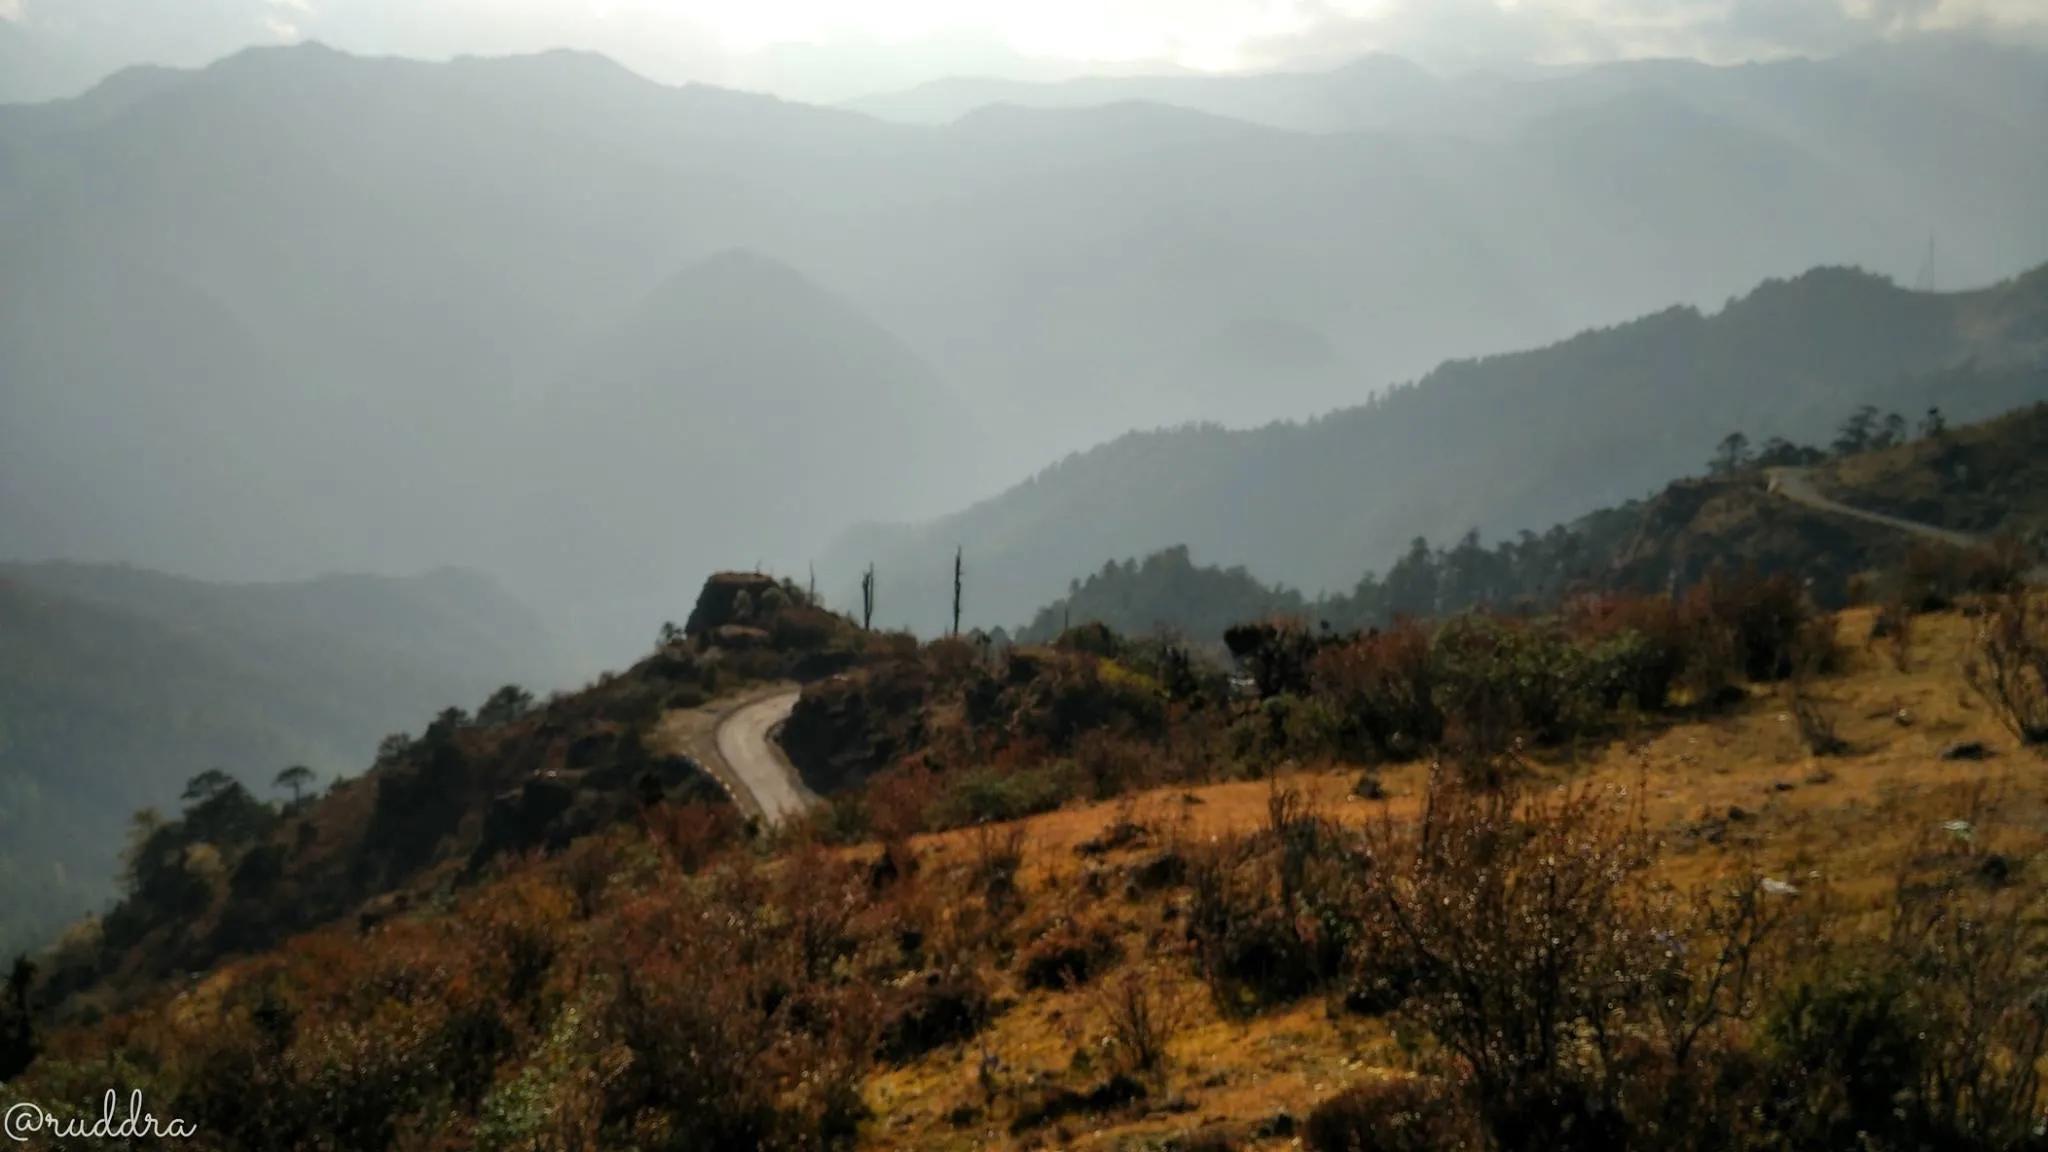 Chelala Pass